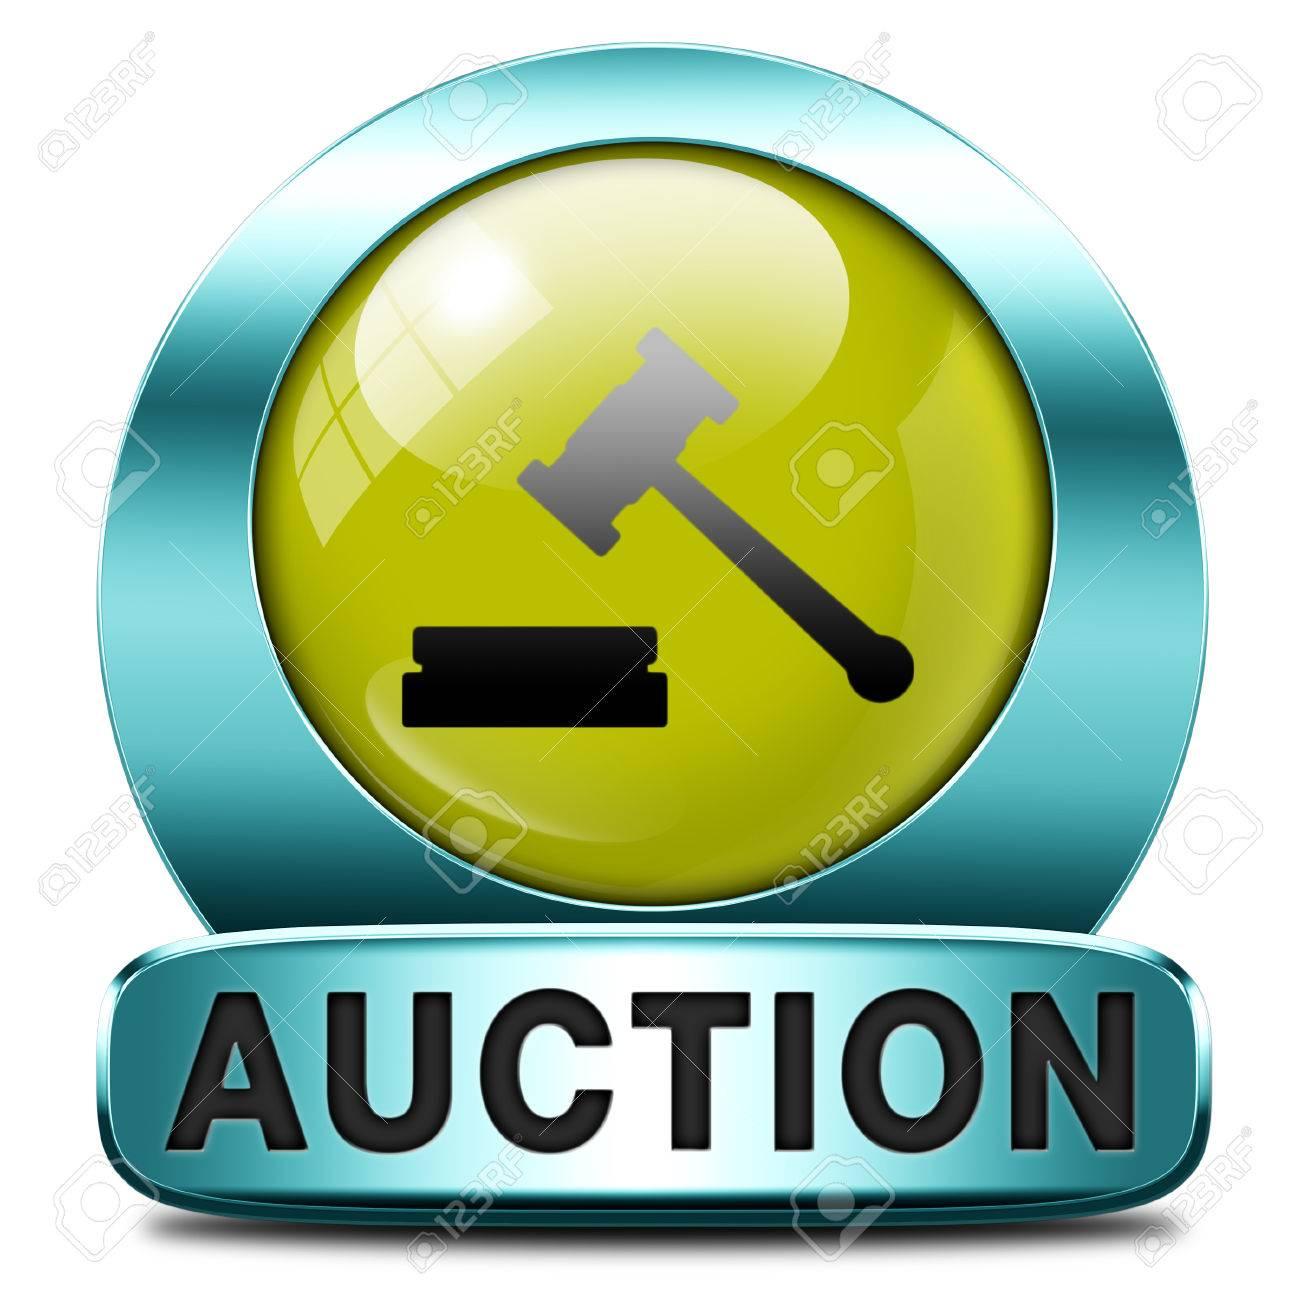 Banque d images - Signer la vente aux enchères en ligne appel d offres et  d acheter des voitures et des maisons immobilier a0940ed04698